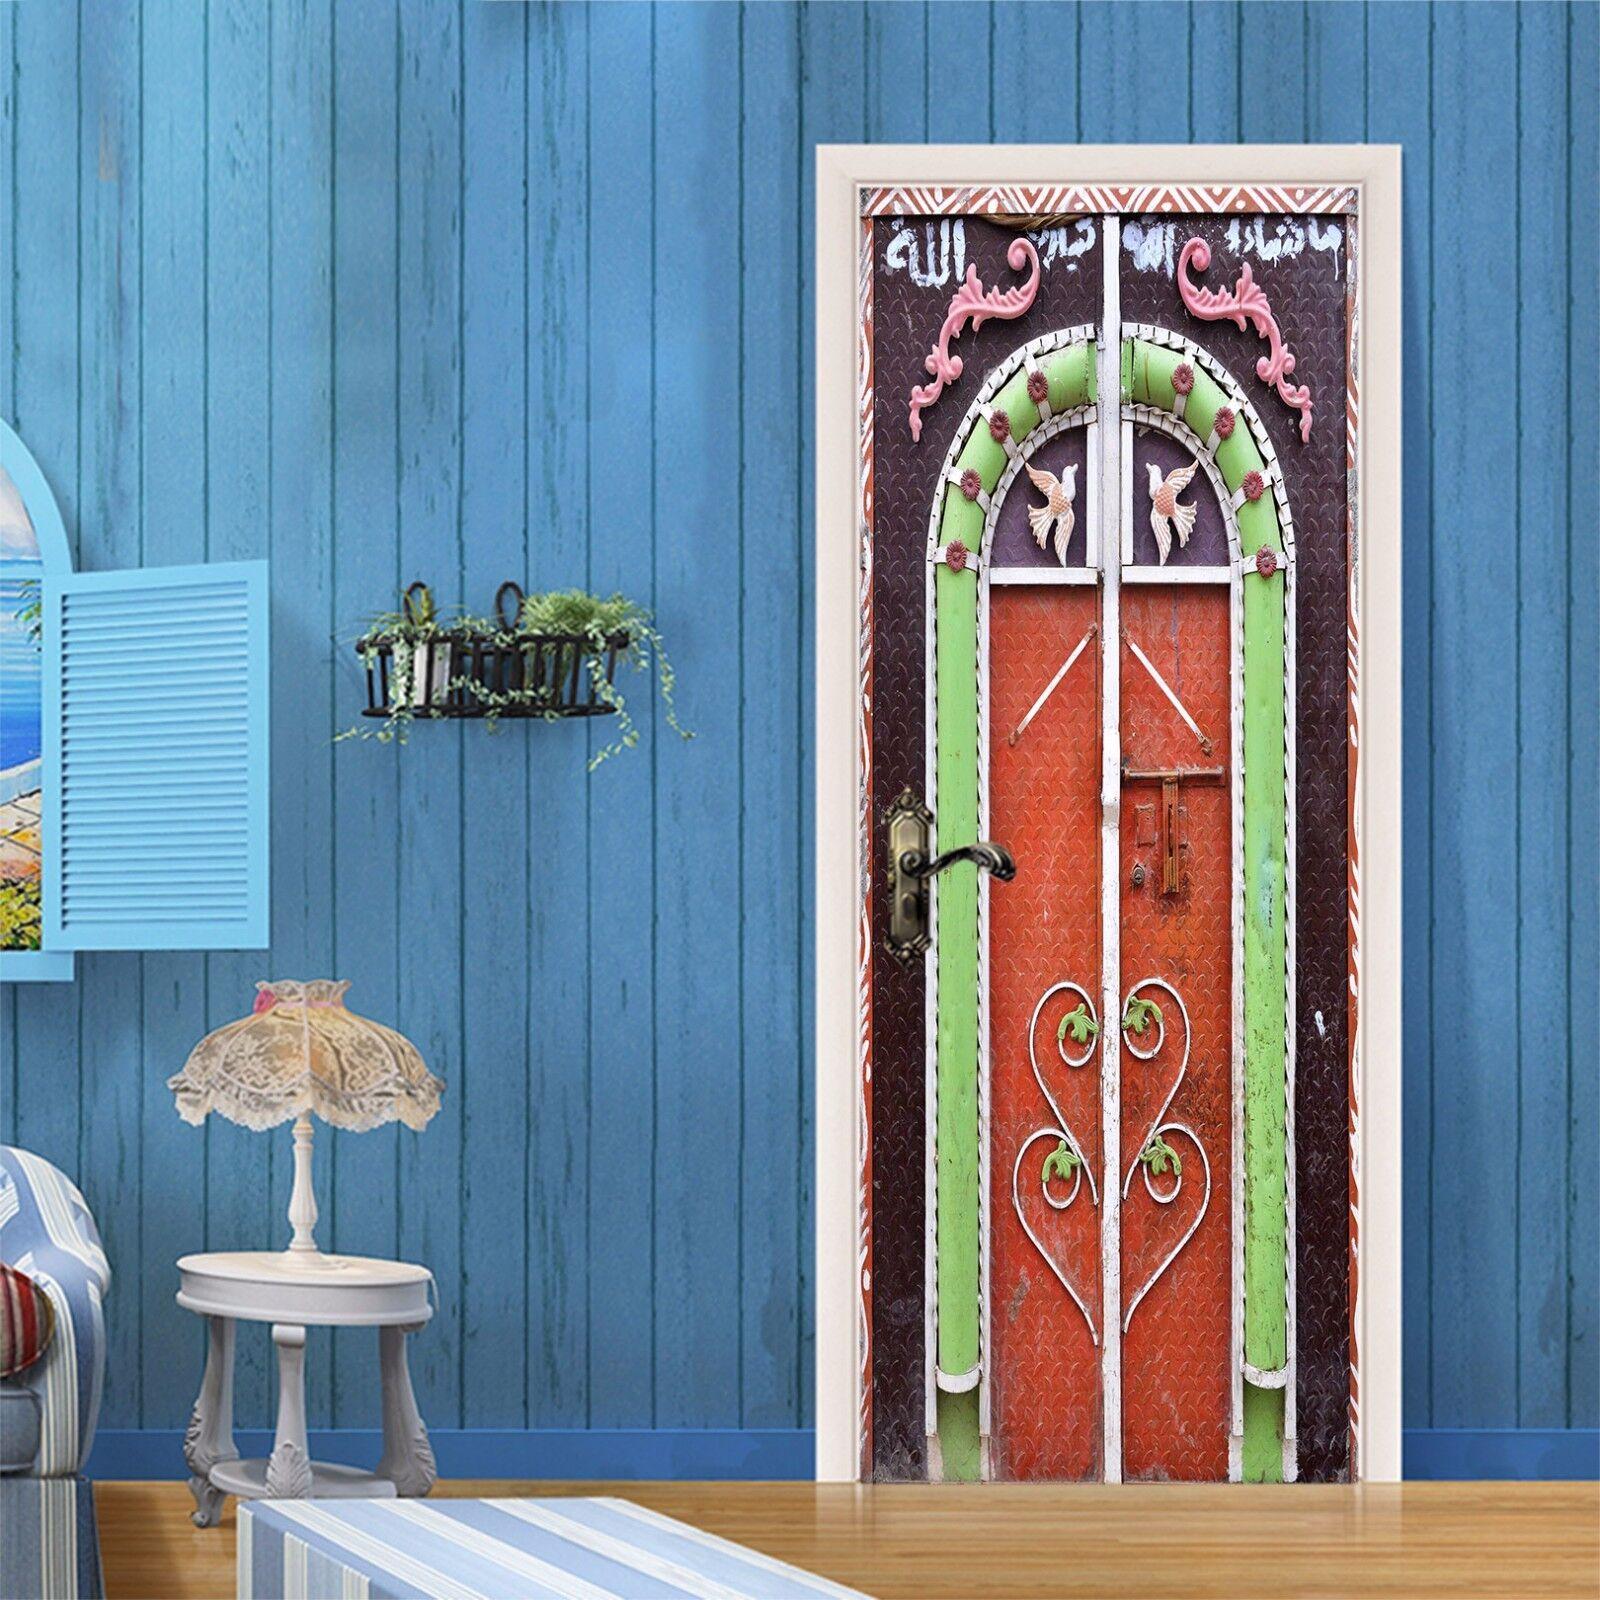 3D Muster 779 Tür Wandmalerei Wandaufkleber Aufkleber AJ WALLPAPER WALLPAPER WALLPAPER DE Kyra | Exquisite Handwerkskunst  | Angenehmes Aussehen  |  5a2fbe